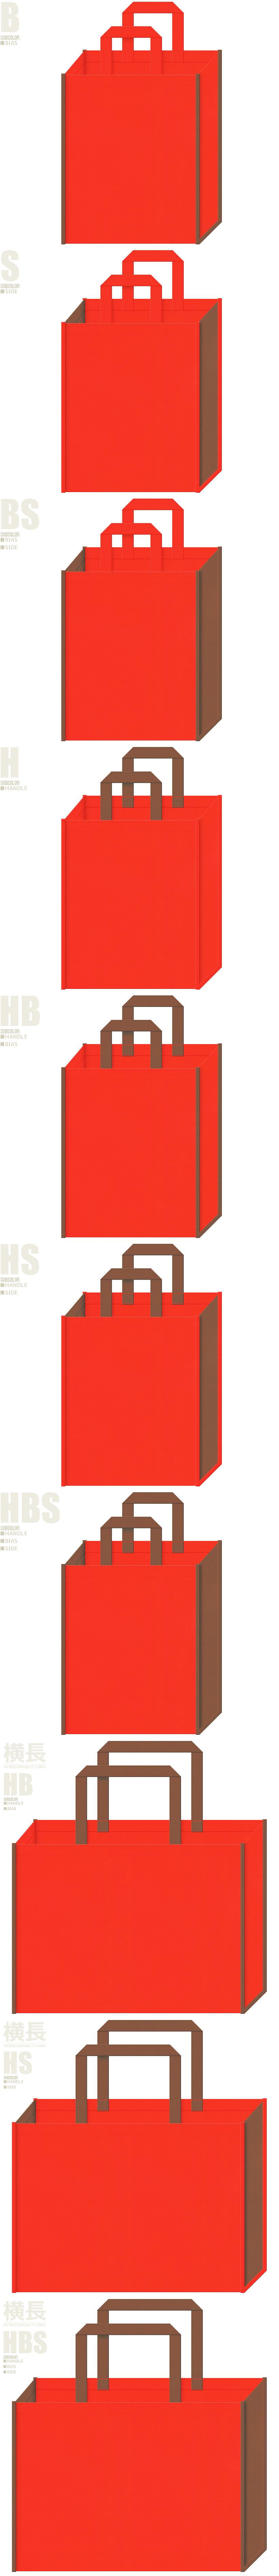 紅茶・レシピ・お料理教室・絵本・むかし話・ハロウィンにお奨めの不織布バッグデザイン:オレンジ色と茶色の配色7パターン